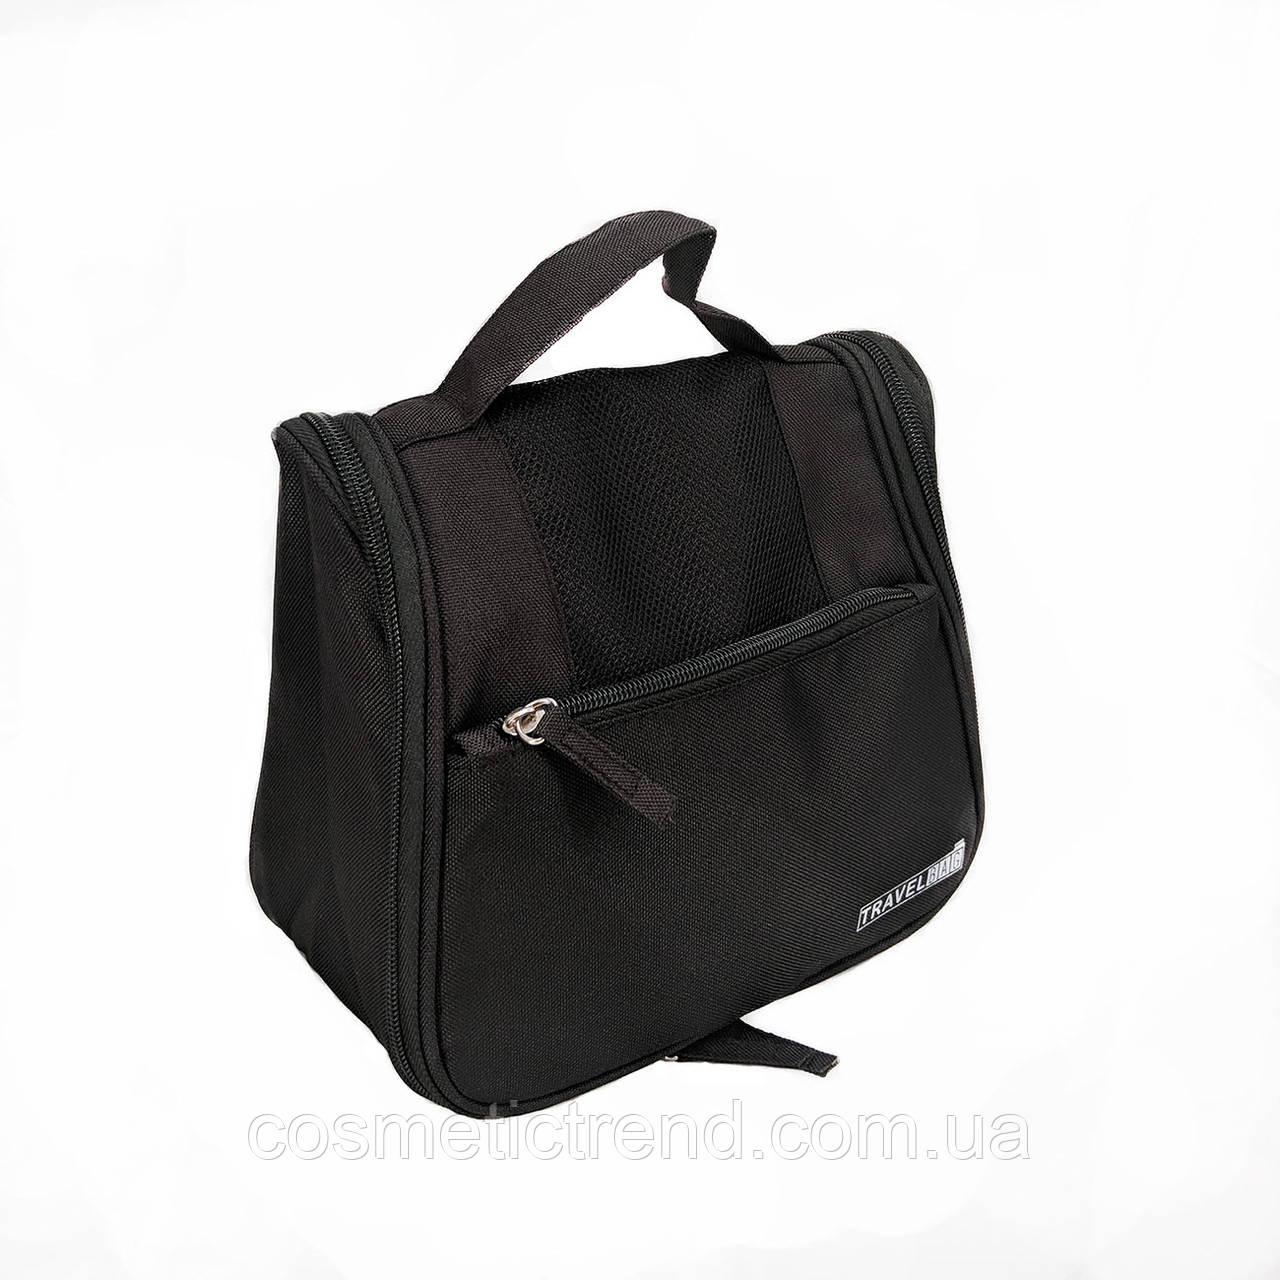 Косметичка/несессер дорожная раскладная подвесная унисекс Travel Bag/black